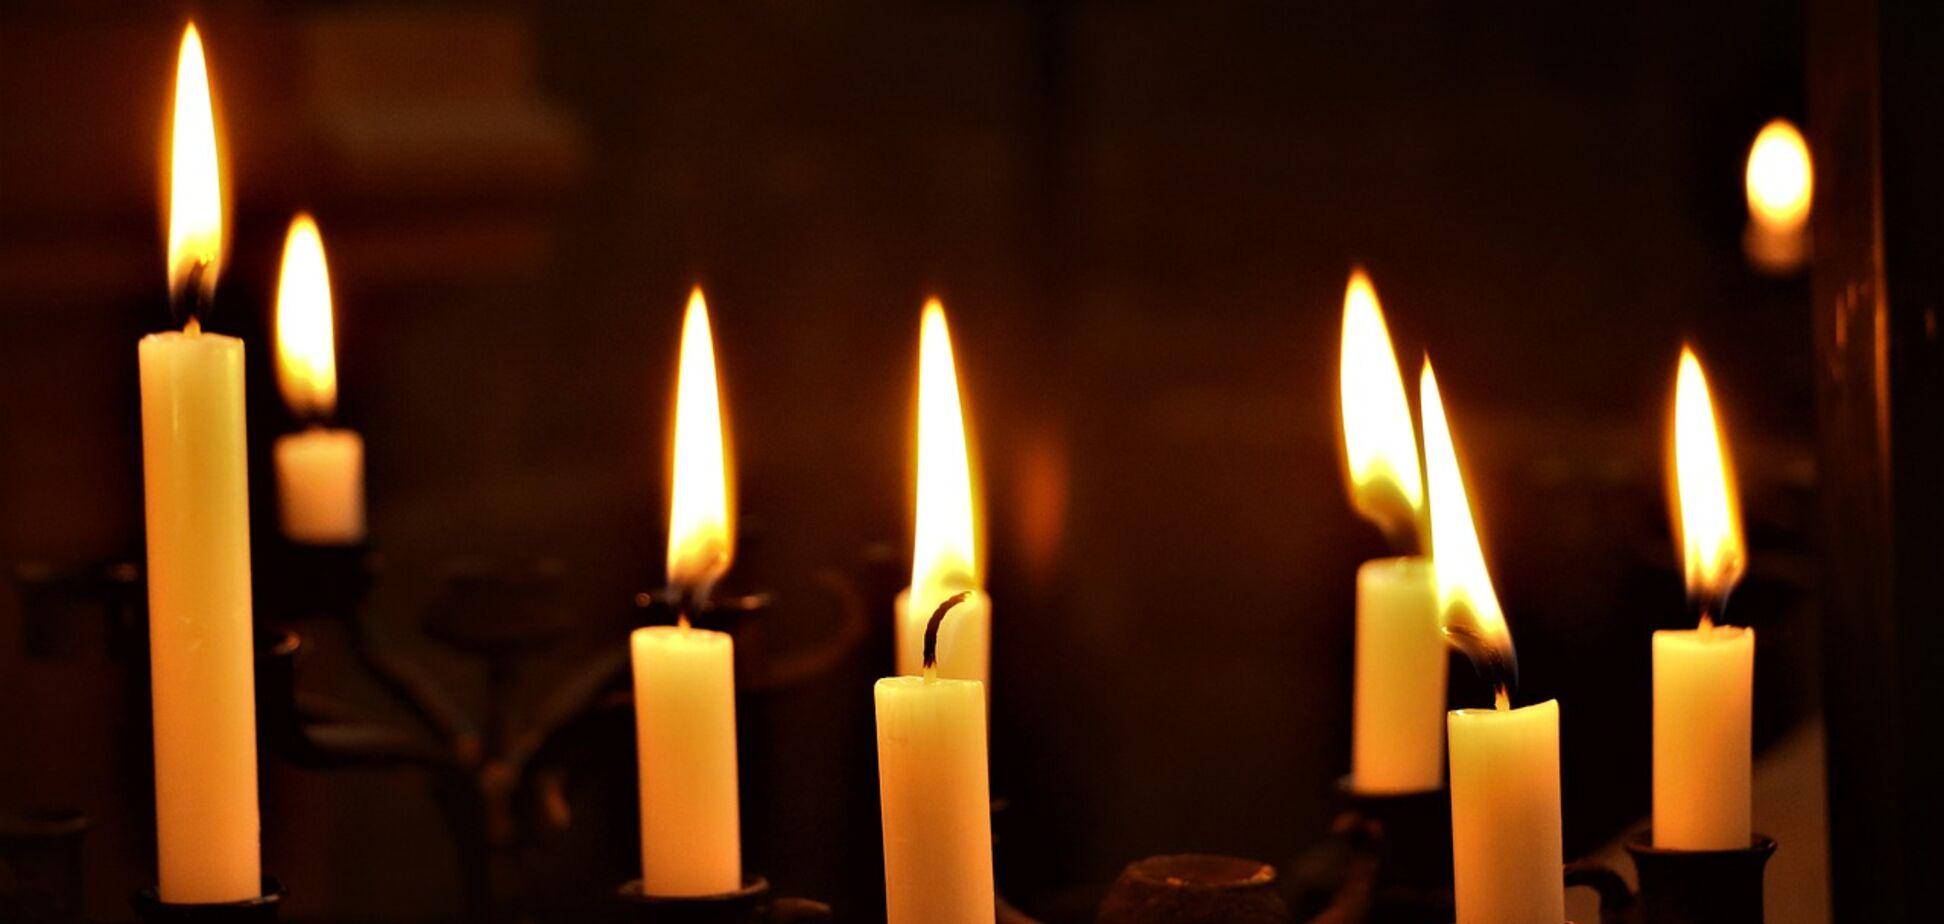 День святого Миколая Чудотворця: молитва, що змінює долю